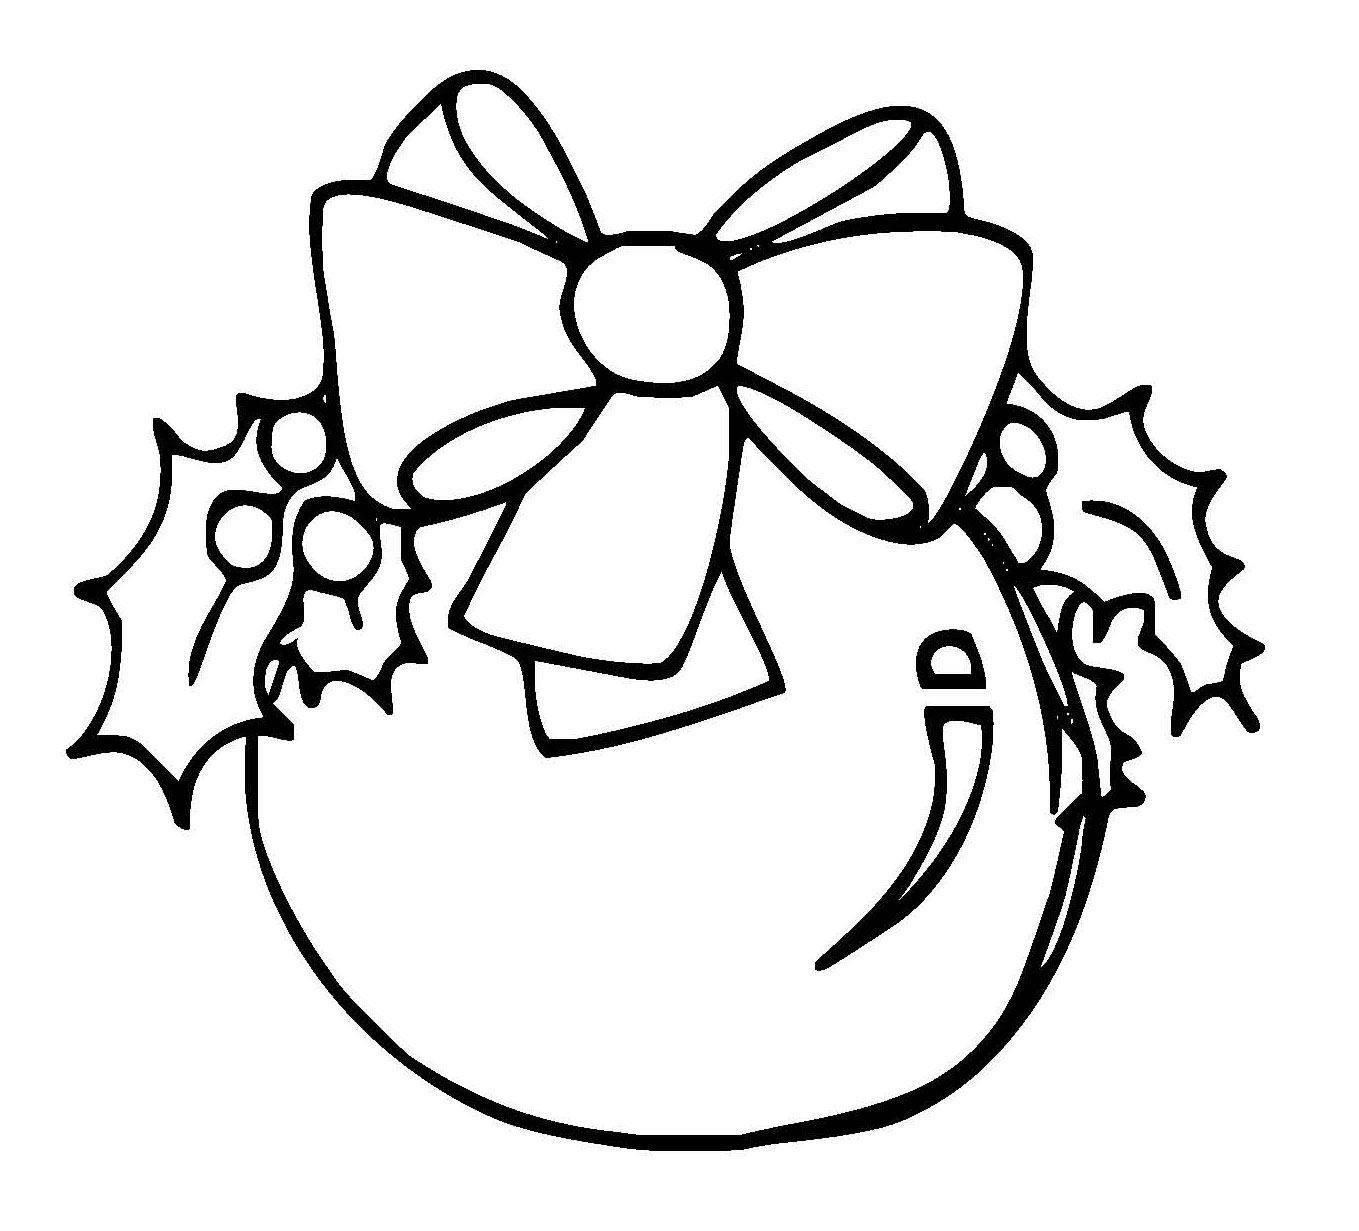 Kostenlose Malvorlage Weihnachten Große Christbaumkugel Zum Ausmalen